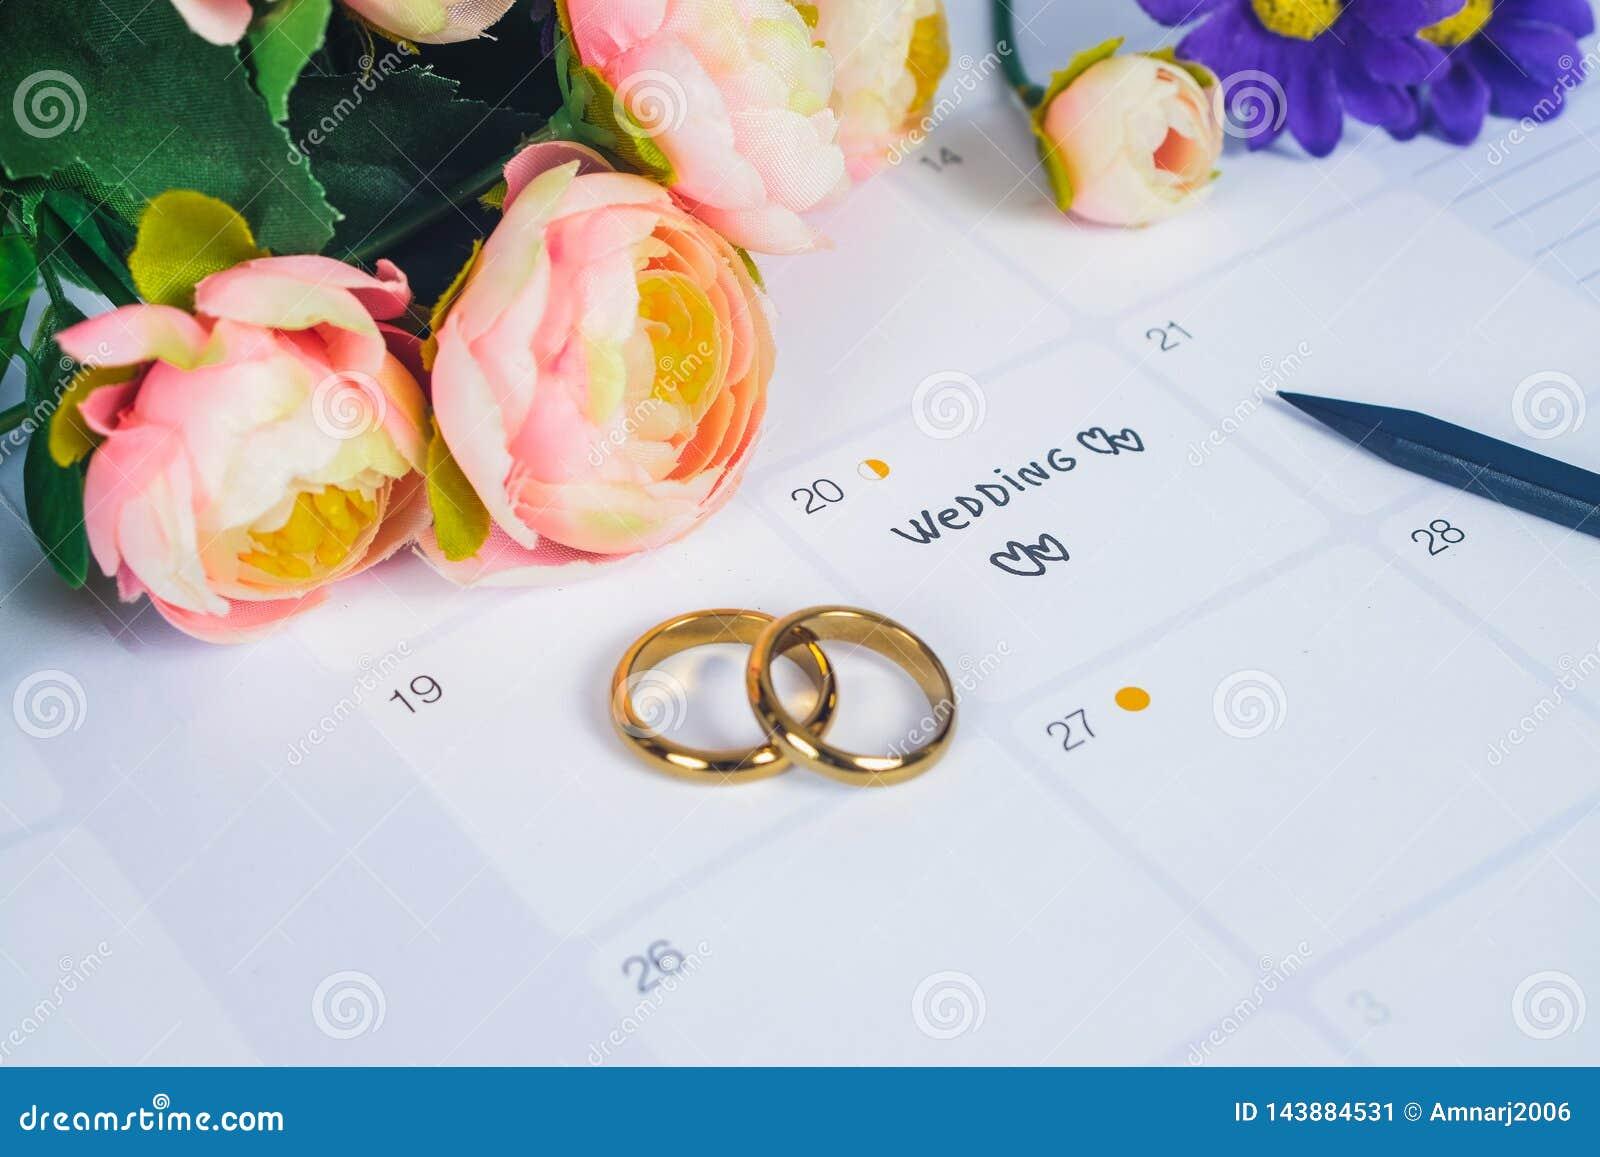 Formułuje ślub przypomnienia dzień ślubu z obrączką ślubną na kalendarzowym planowaniu